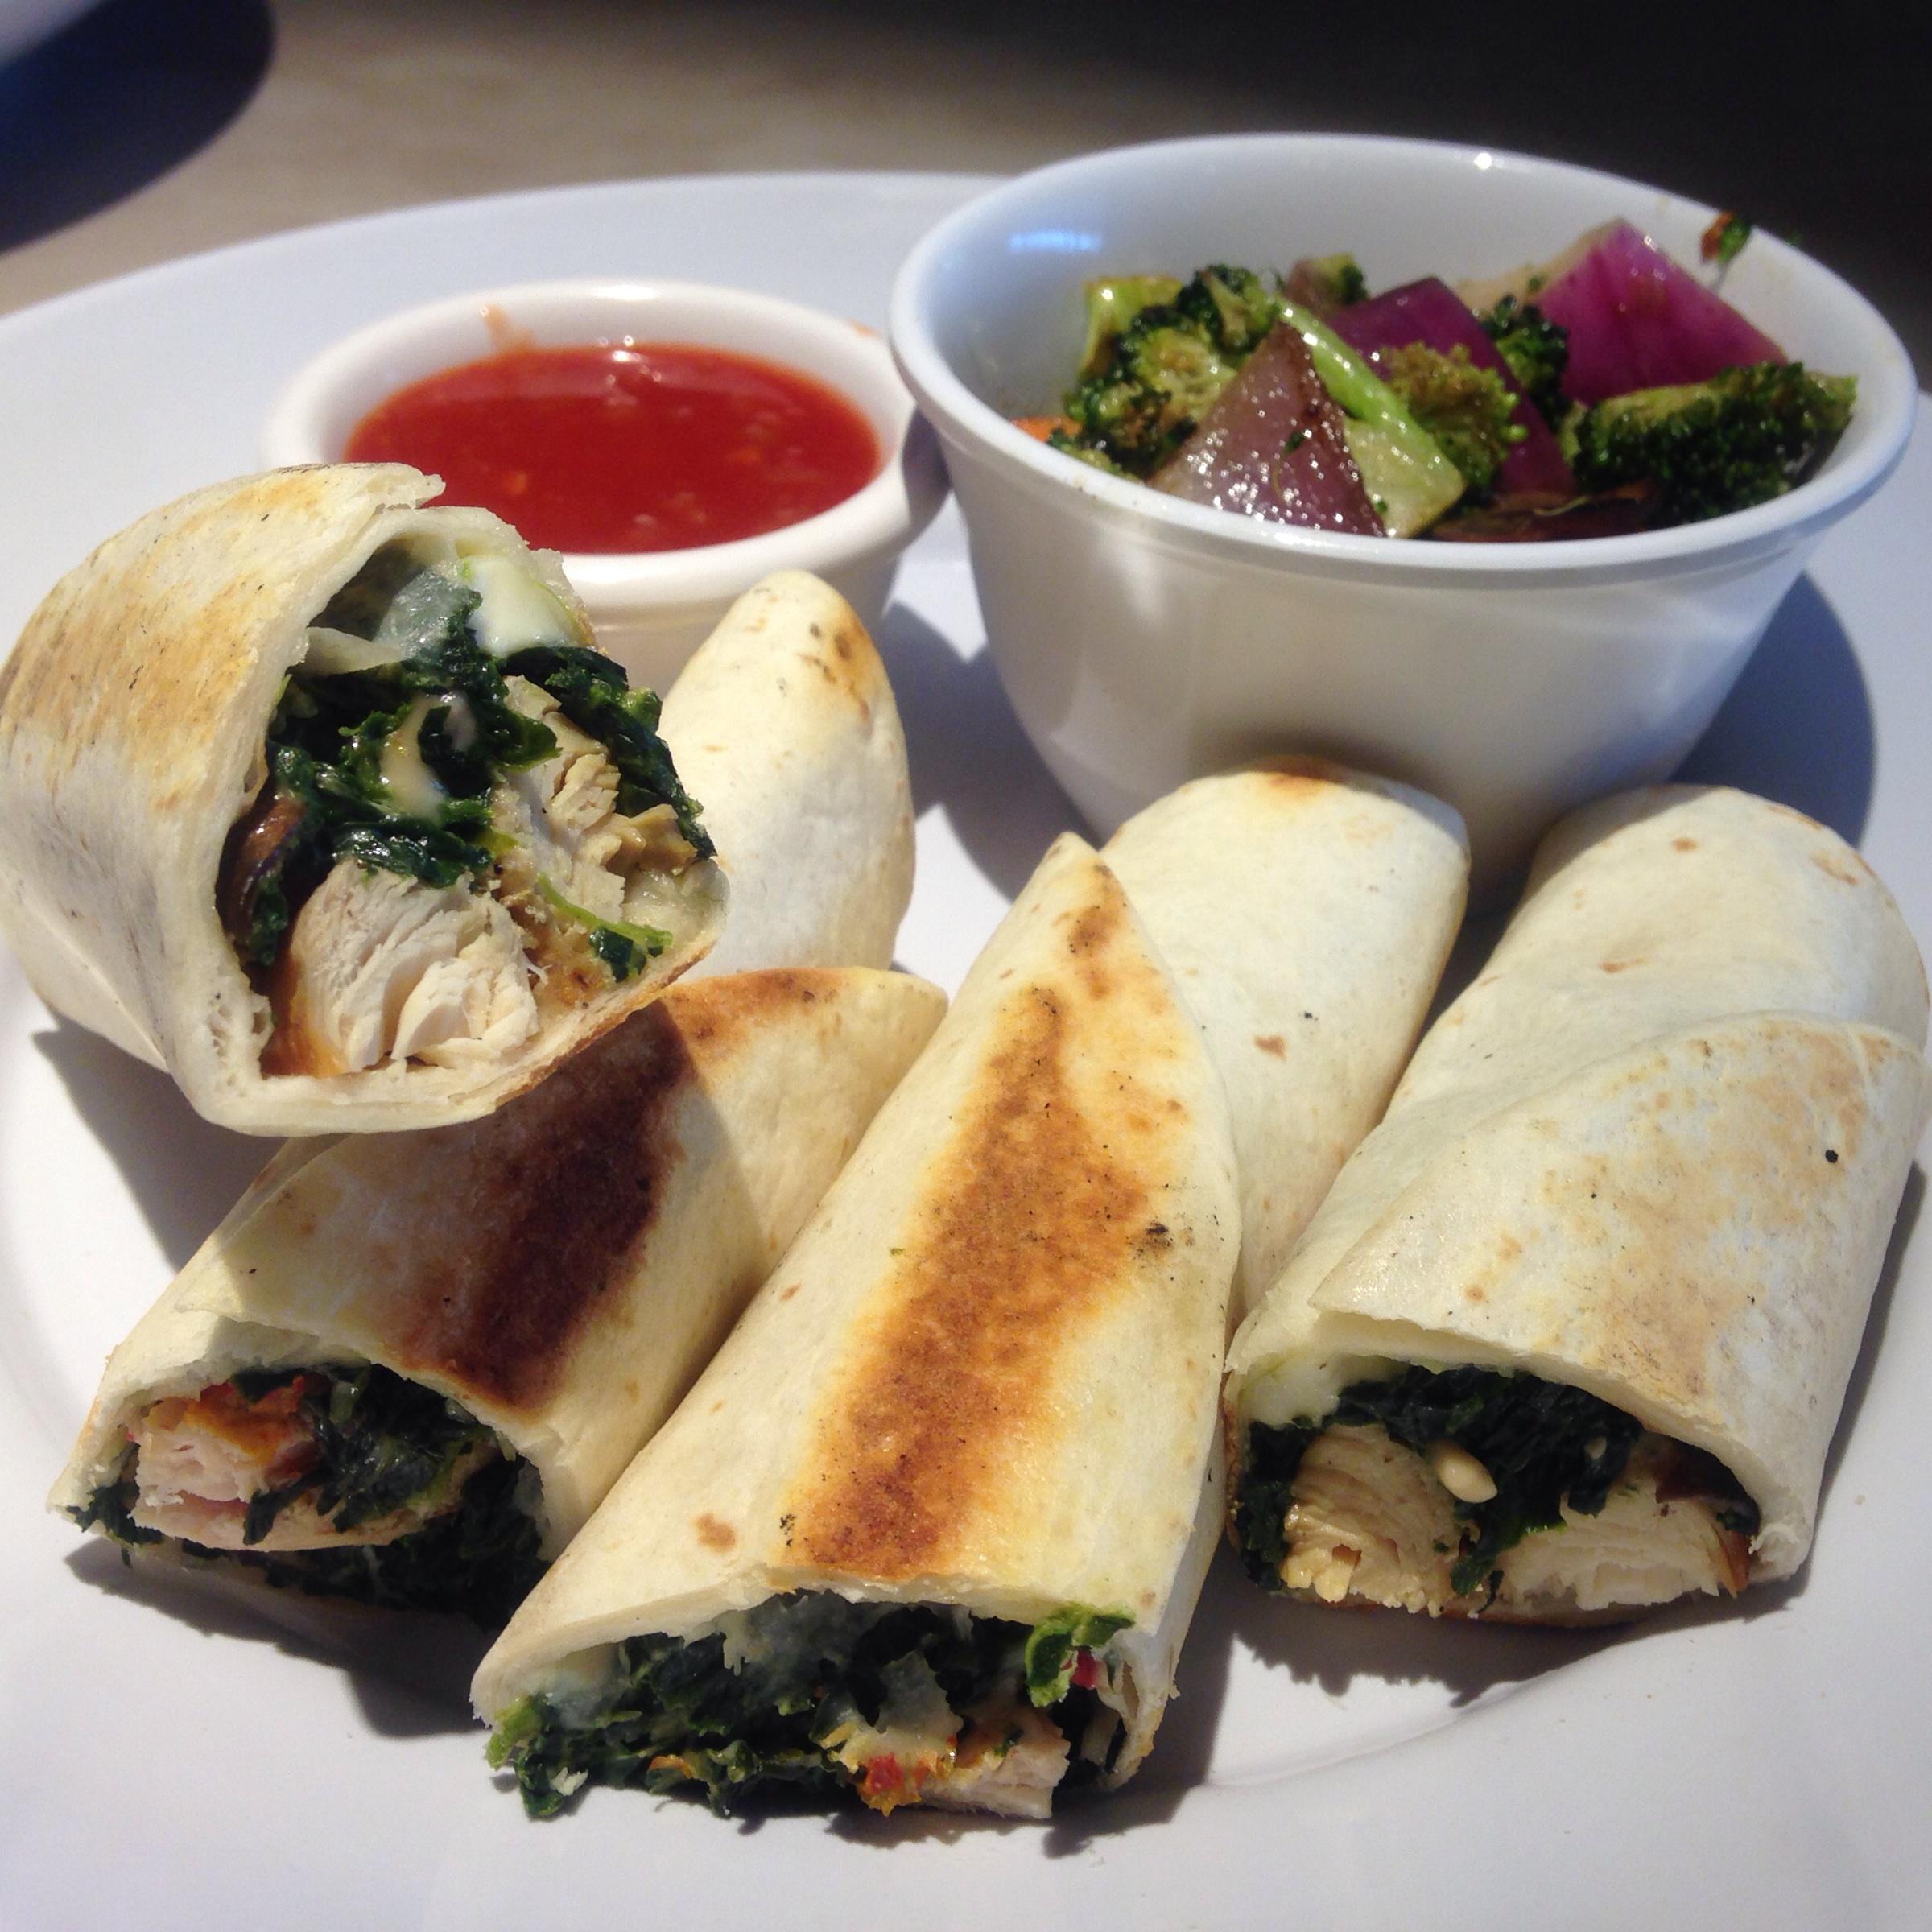 Zoes Kitchen Chicken Salad Sandwich Zoes Kitchen Menu  Houston Texas  Foodspotting